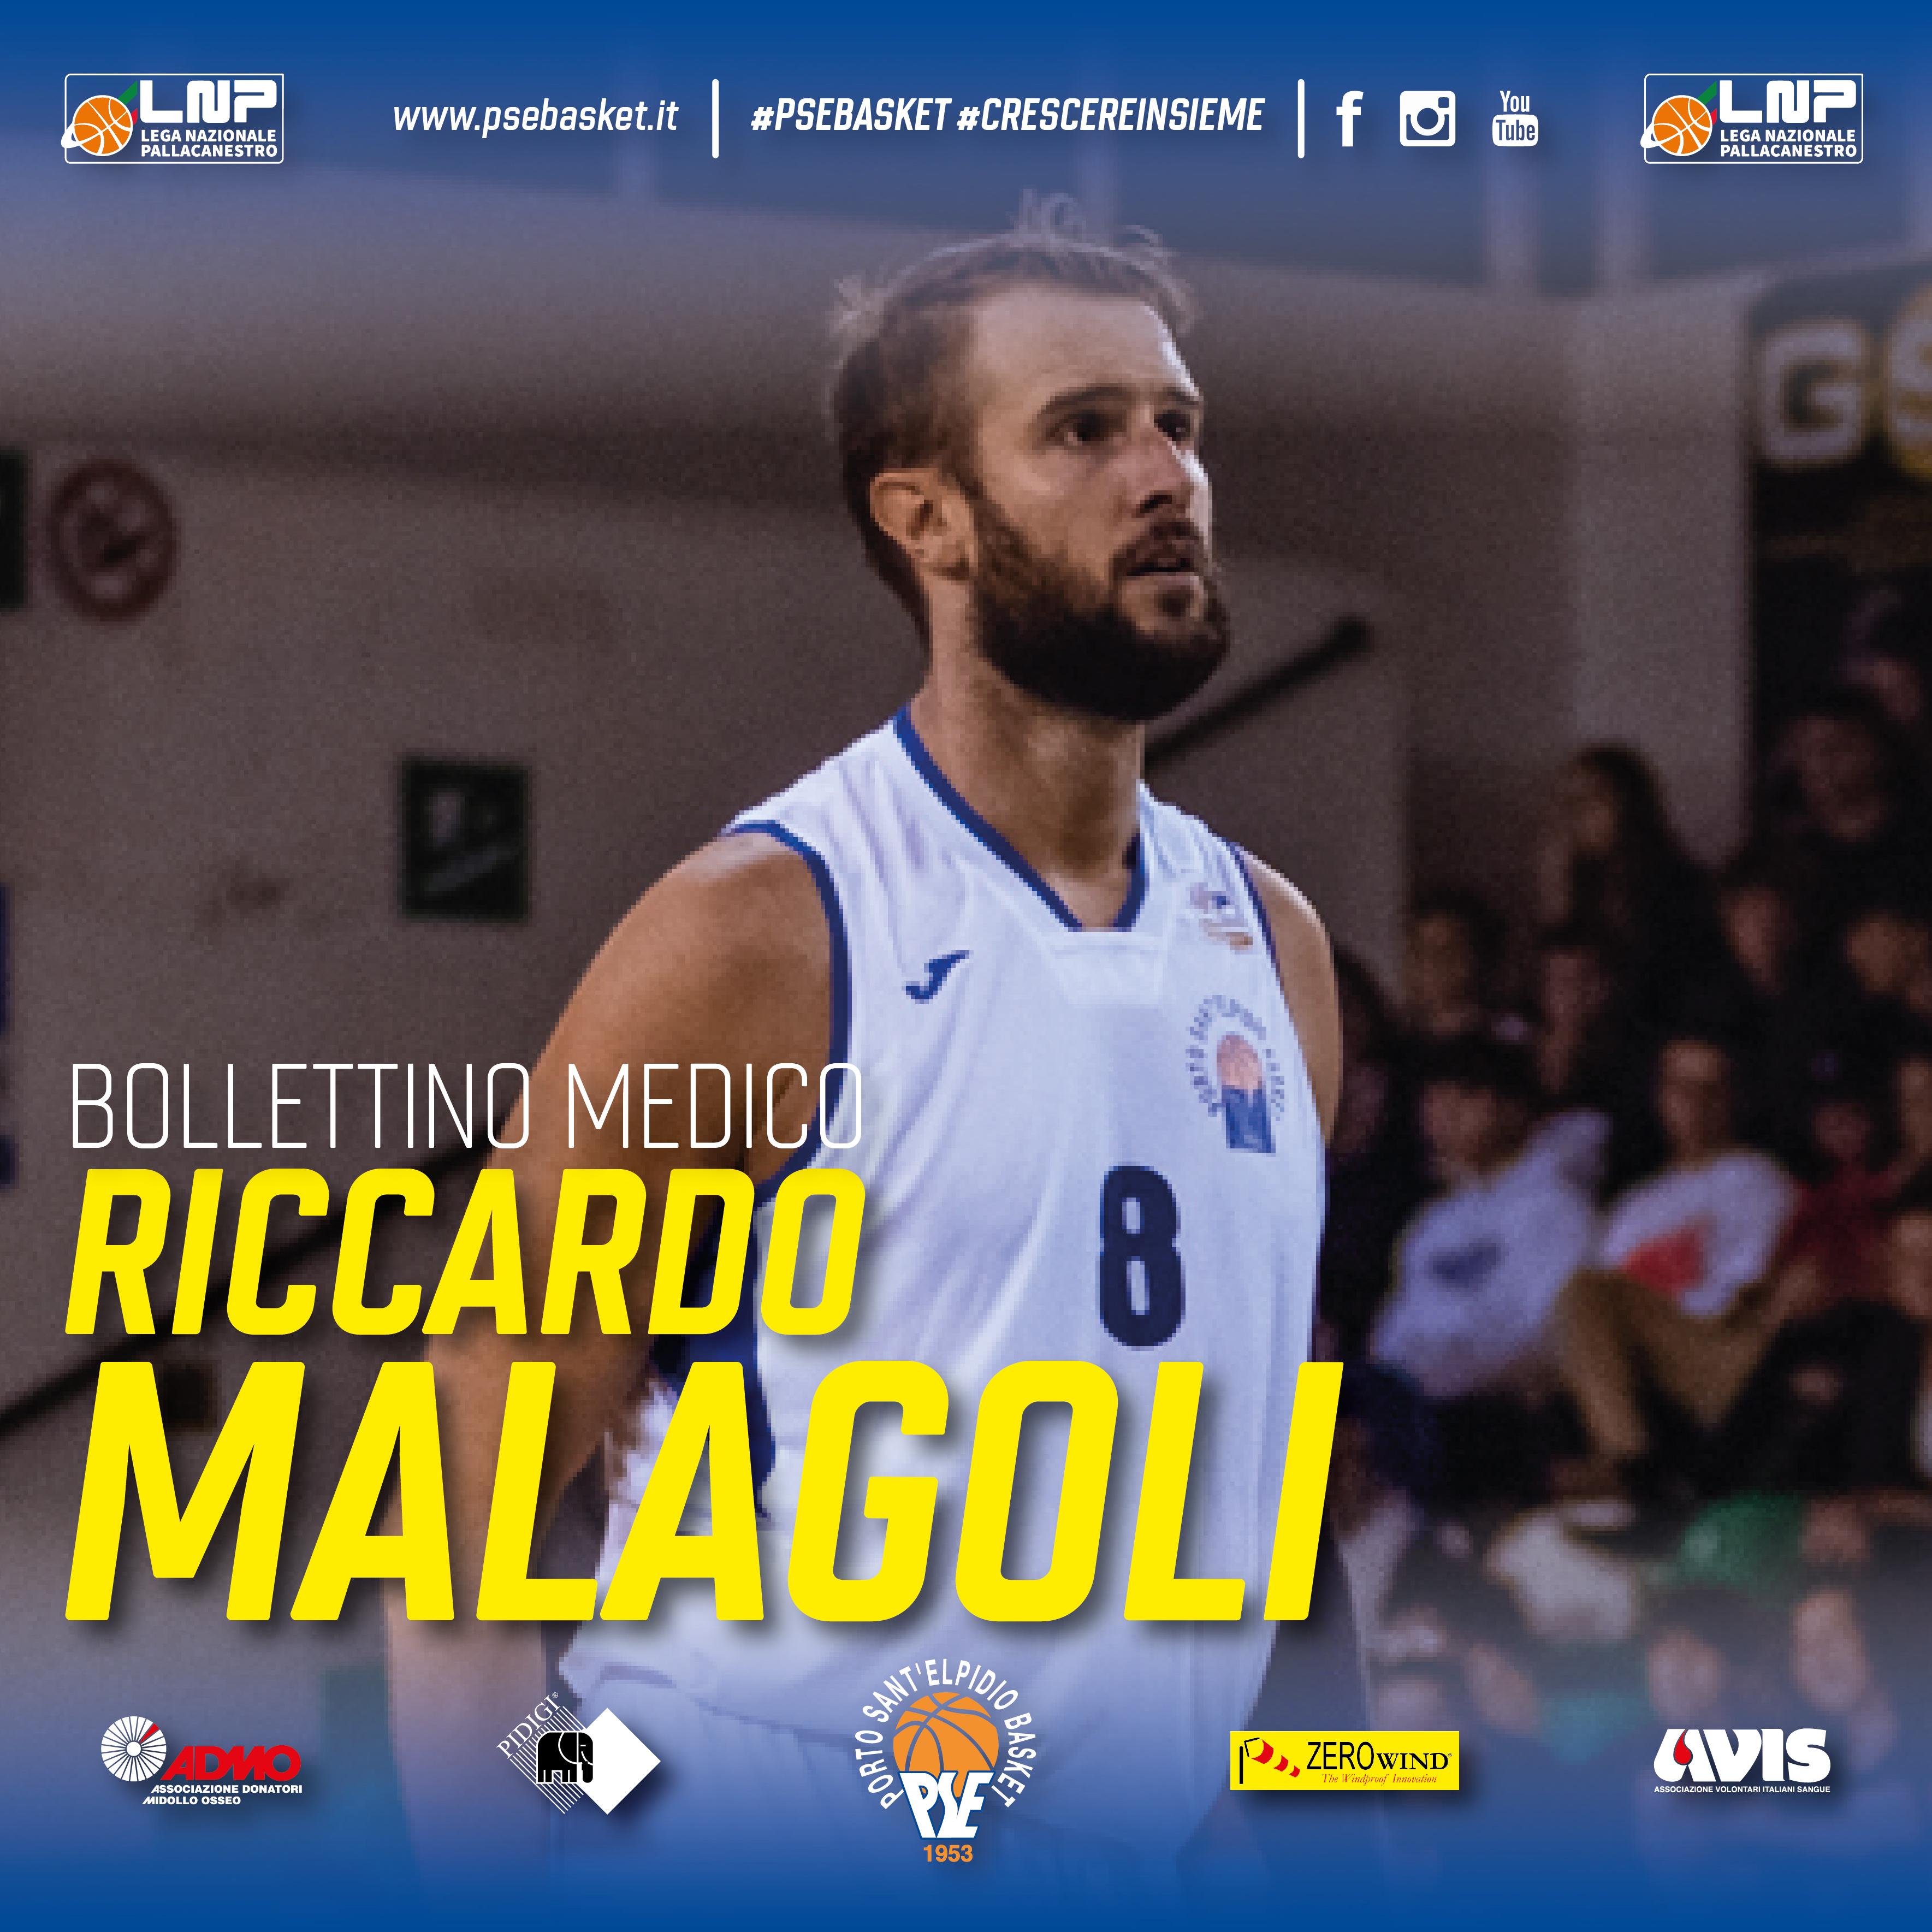 Comunicato sulle condizioni di Riccardo Malagoli